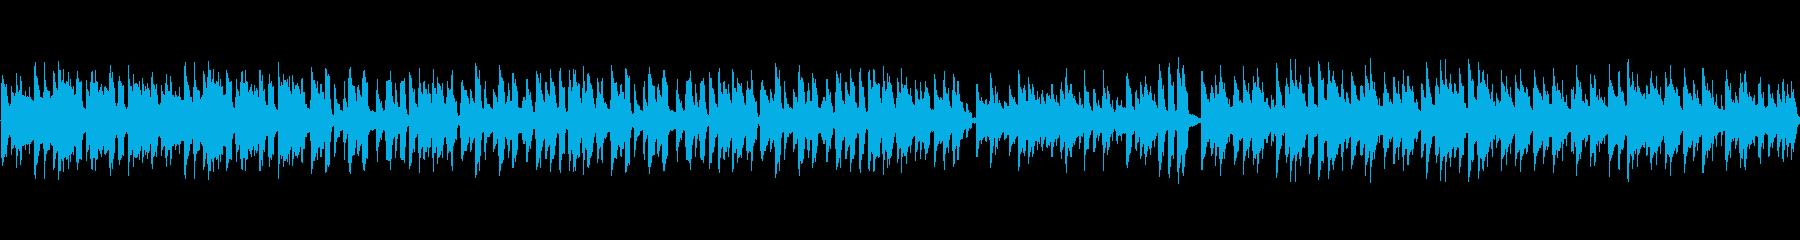 企業PV的ボサノバ風ループ音源の再生済みの波形